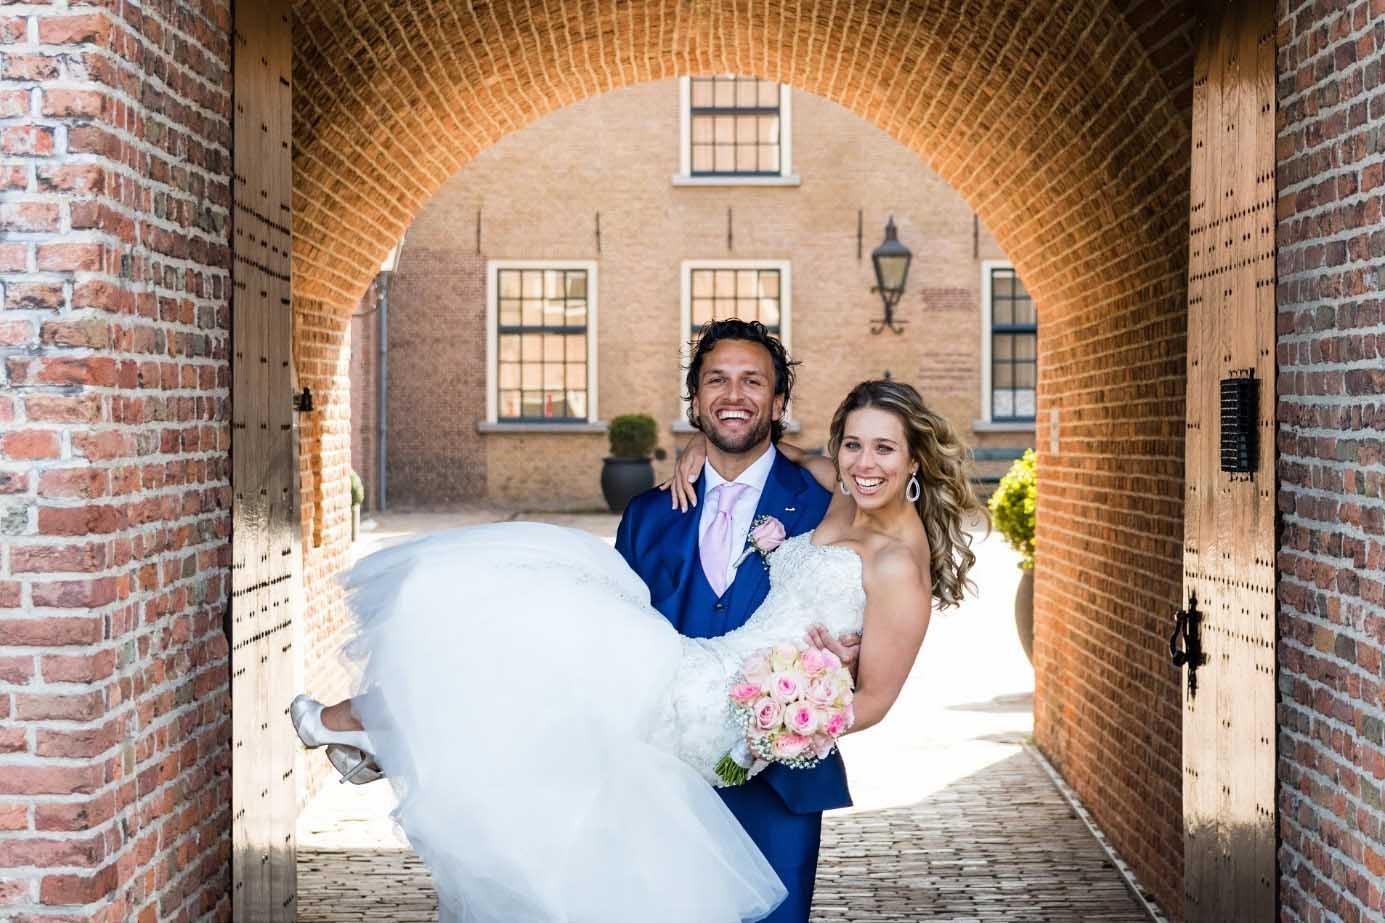 kasteel-woerden-trouwen-trouwlocatie-woerden-romantiek-centraal-huwelijk-buiten-groen